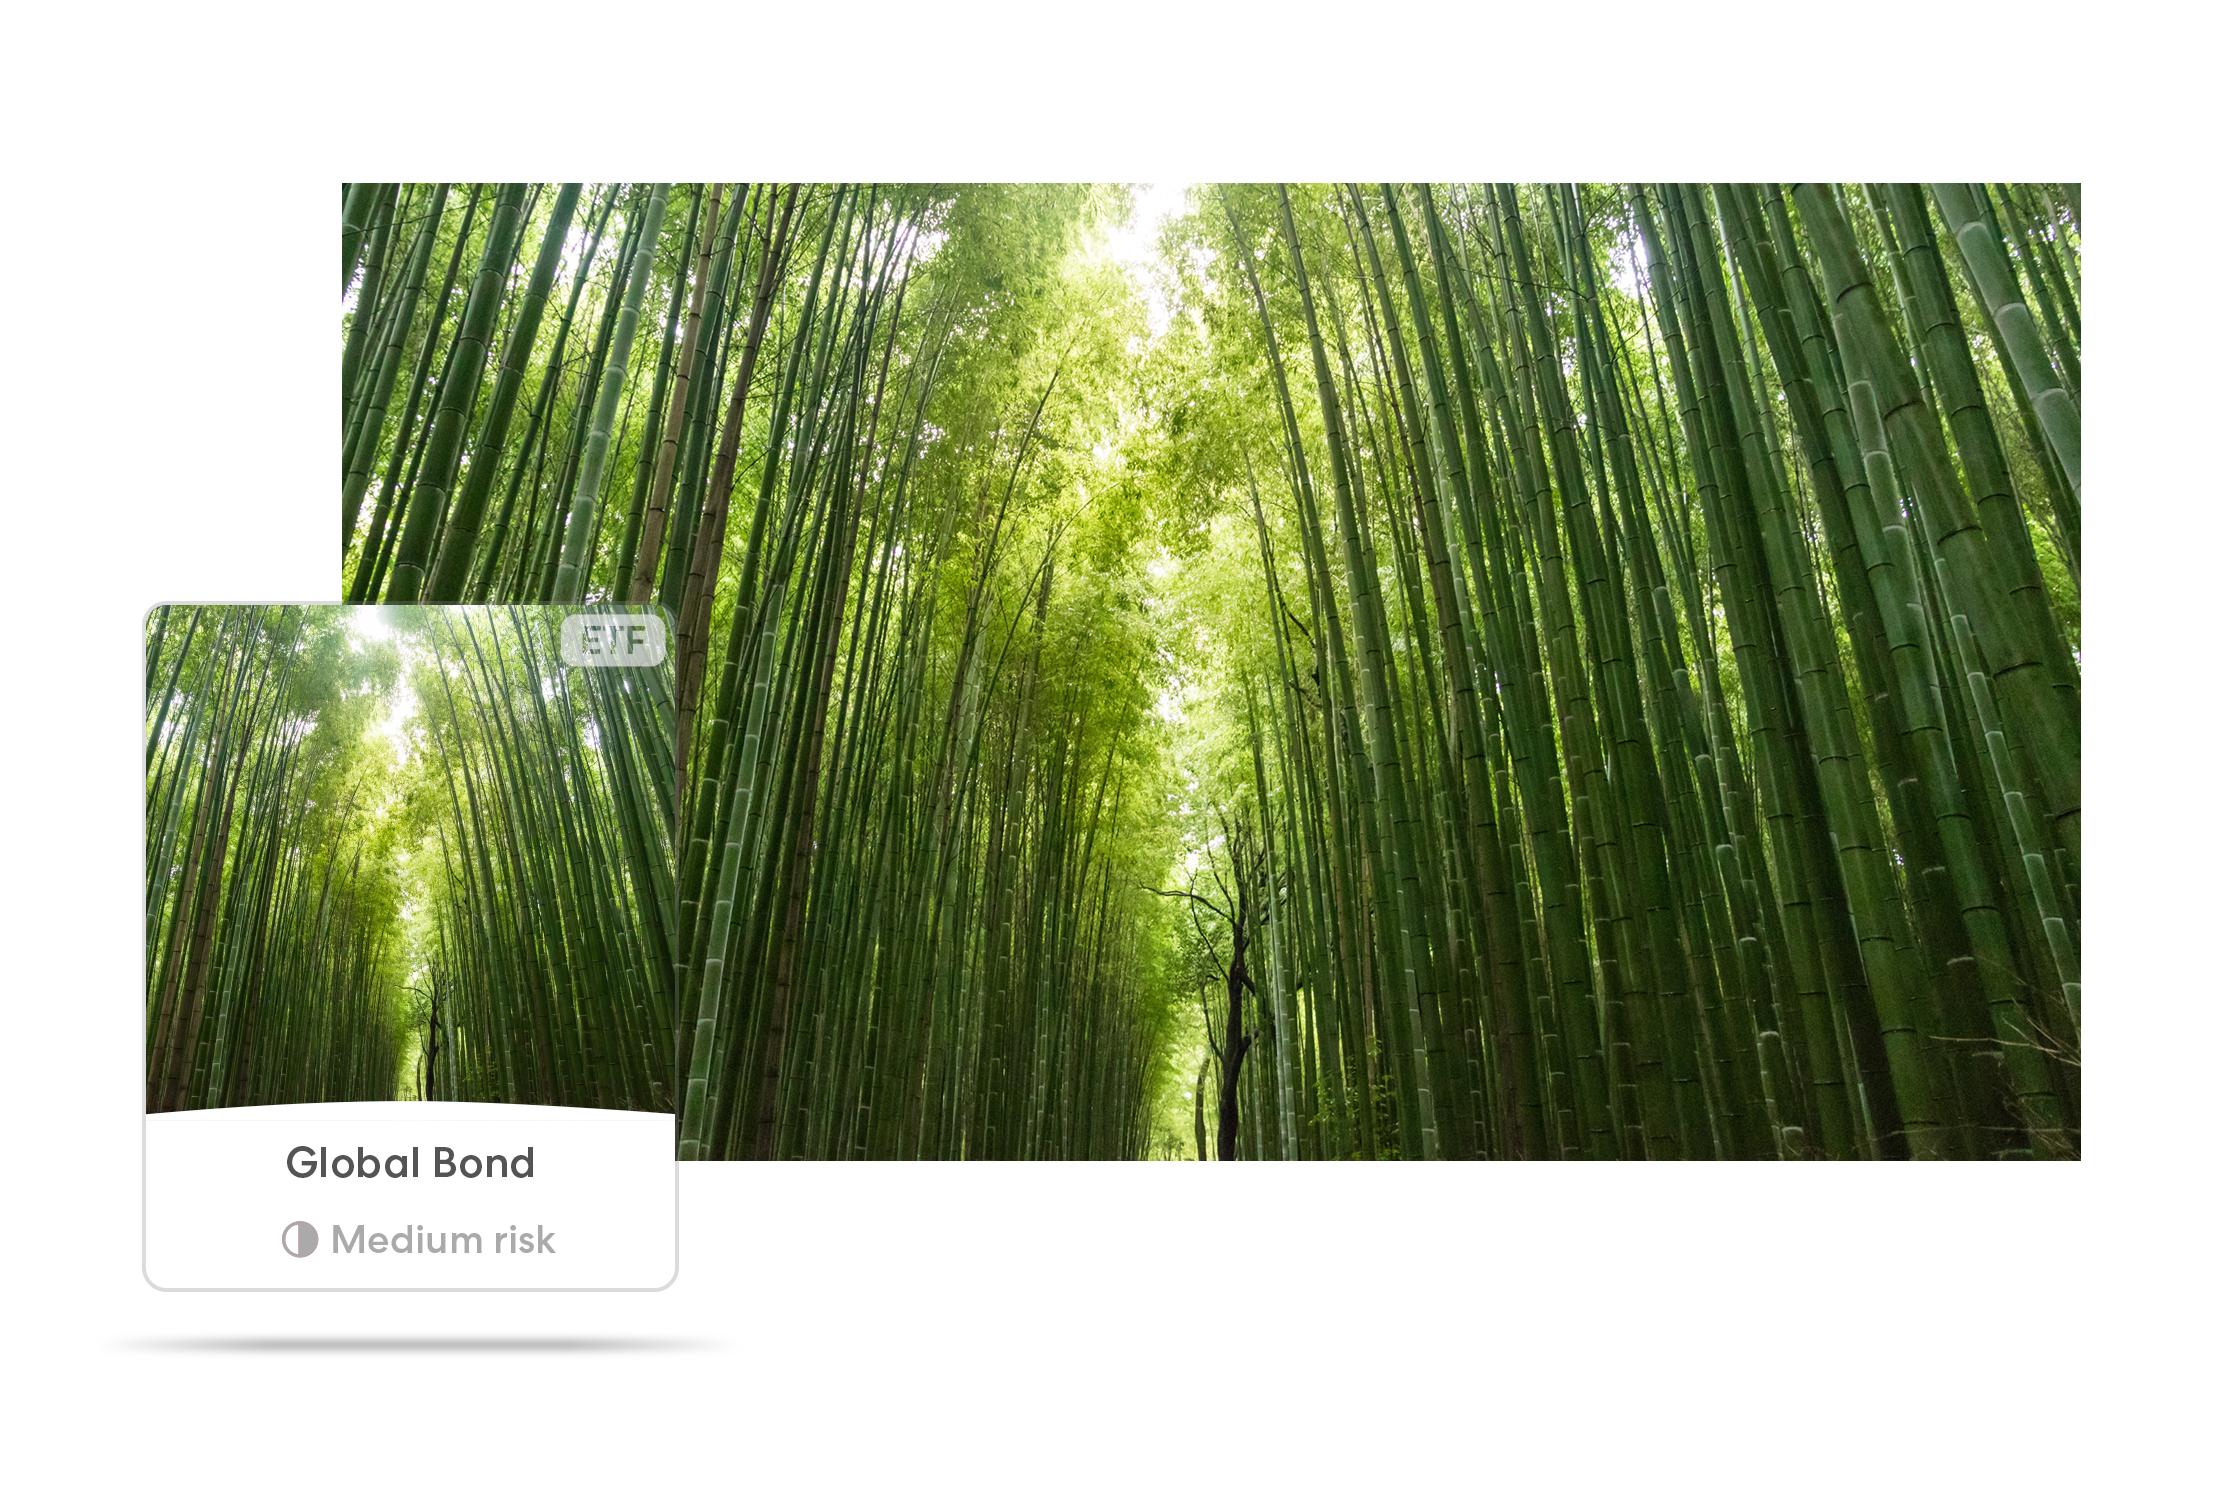 Global_bond.jpg